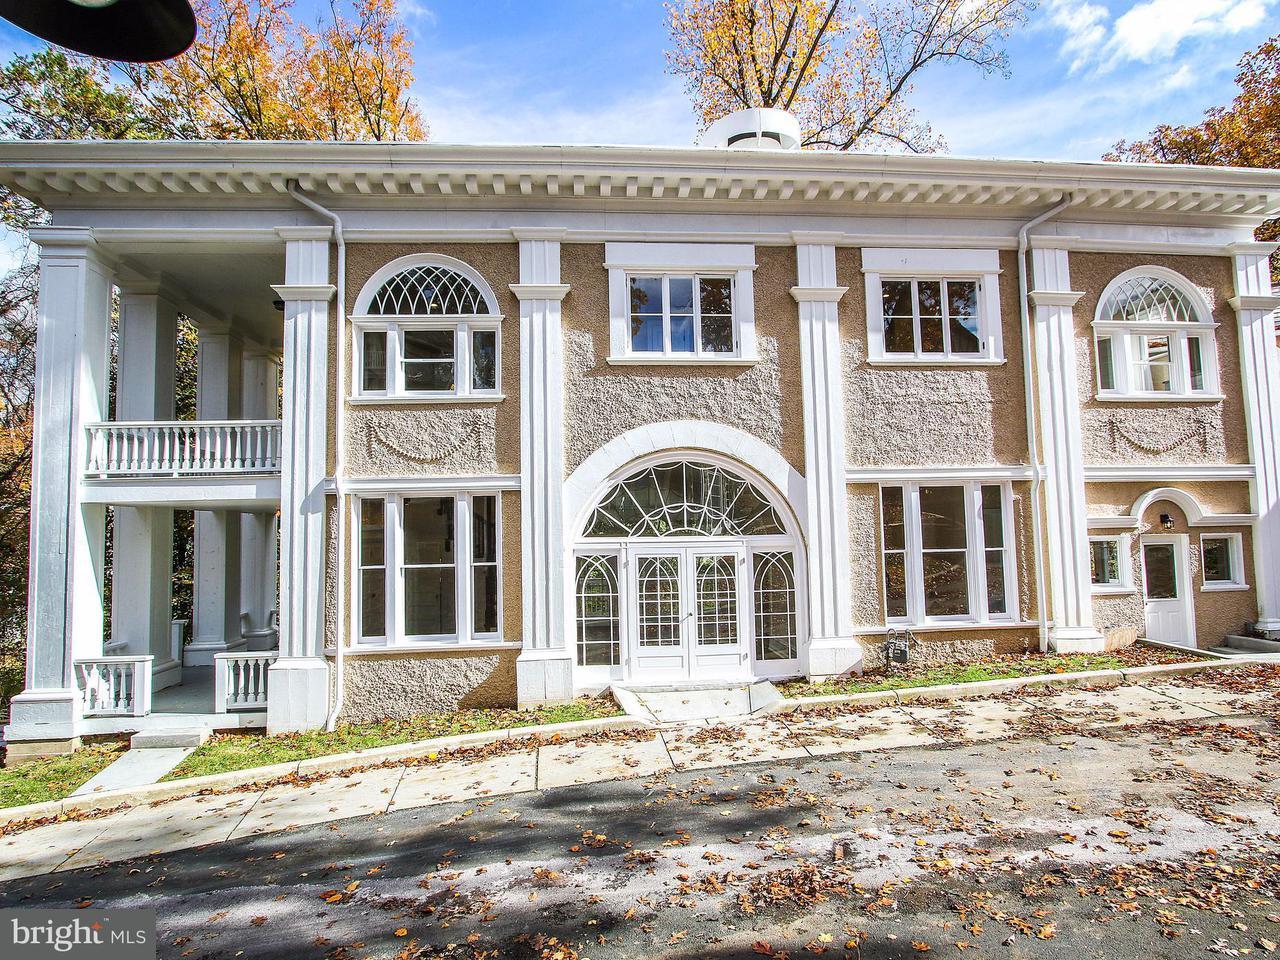 단독 가정 주택 용 매매 에 21 DEWITT Court 21 DEWITT Court Silver Spring, 메릴랜드 20910 미국